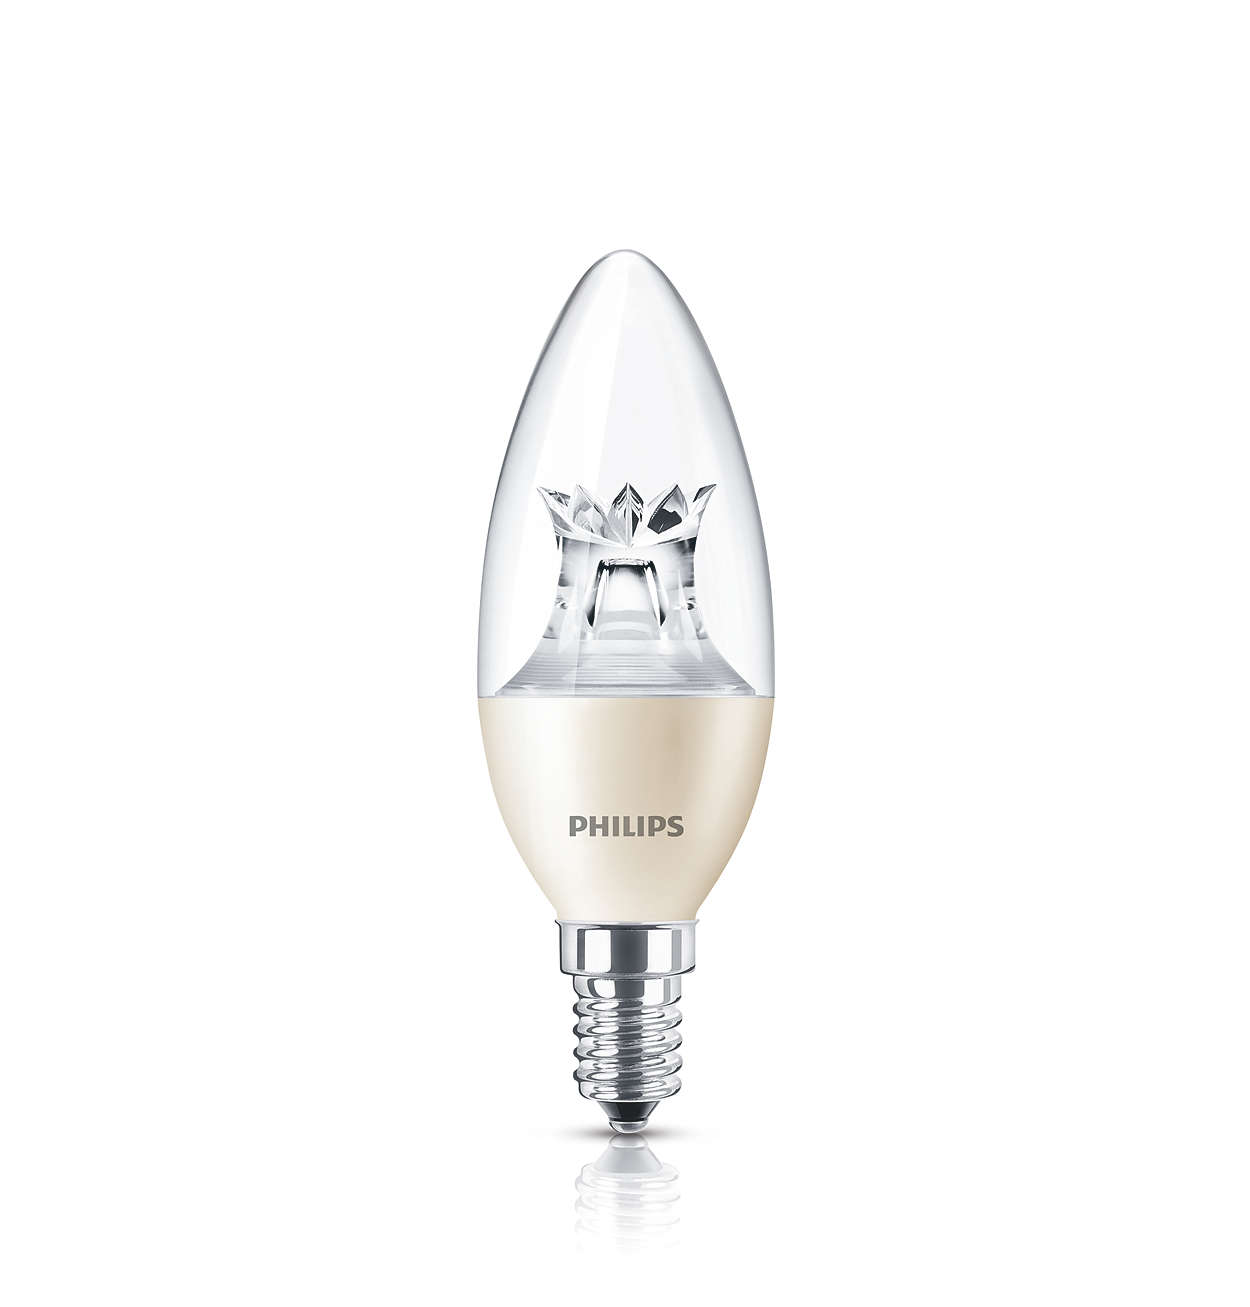 master ledcandle diamondspark led lamps philips lighting. Black Bedroom Furniture Sets. Home Design Ideas